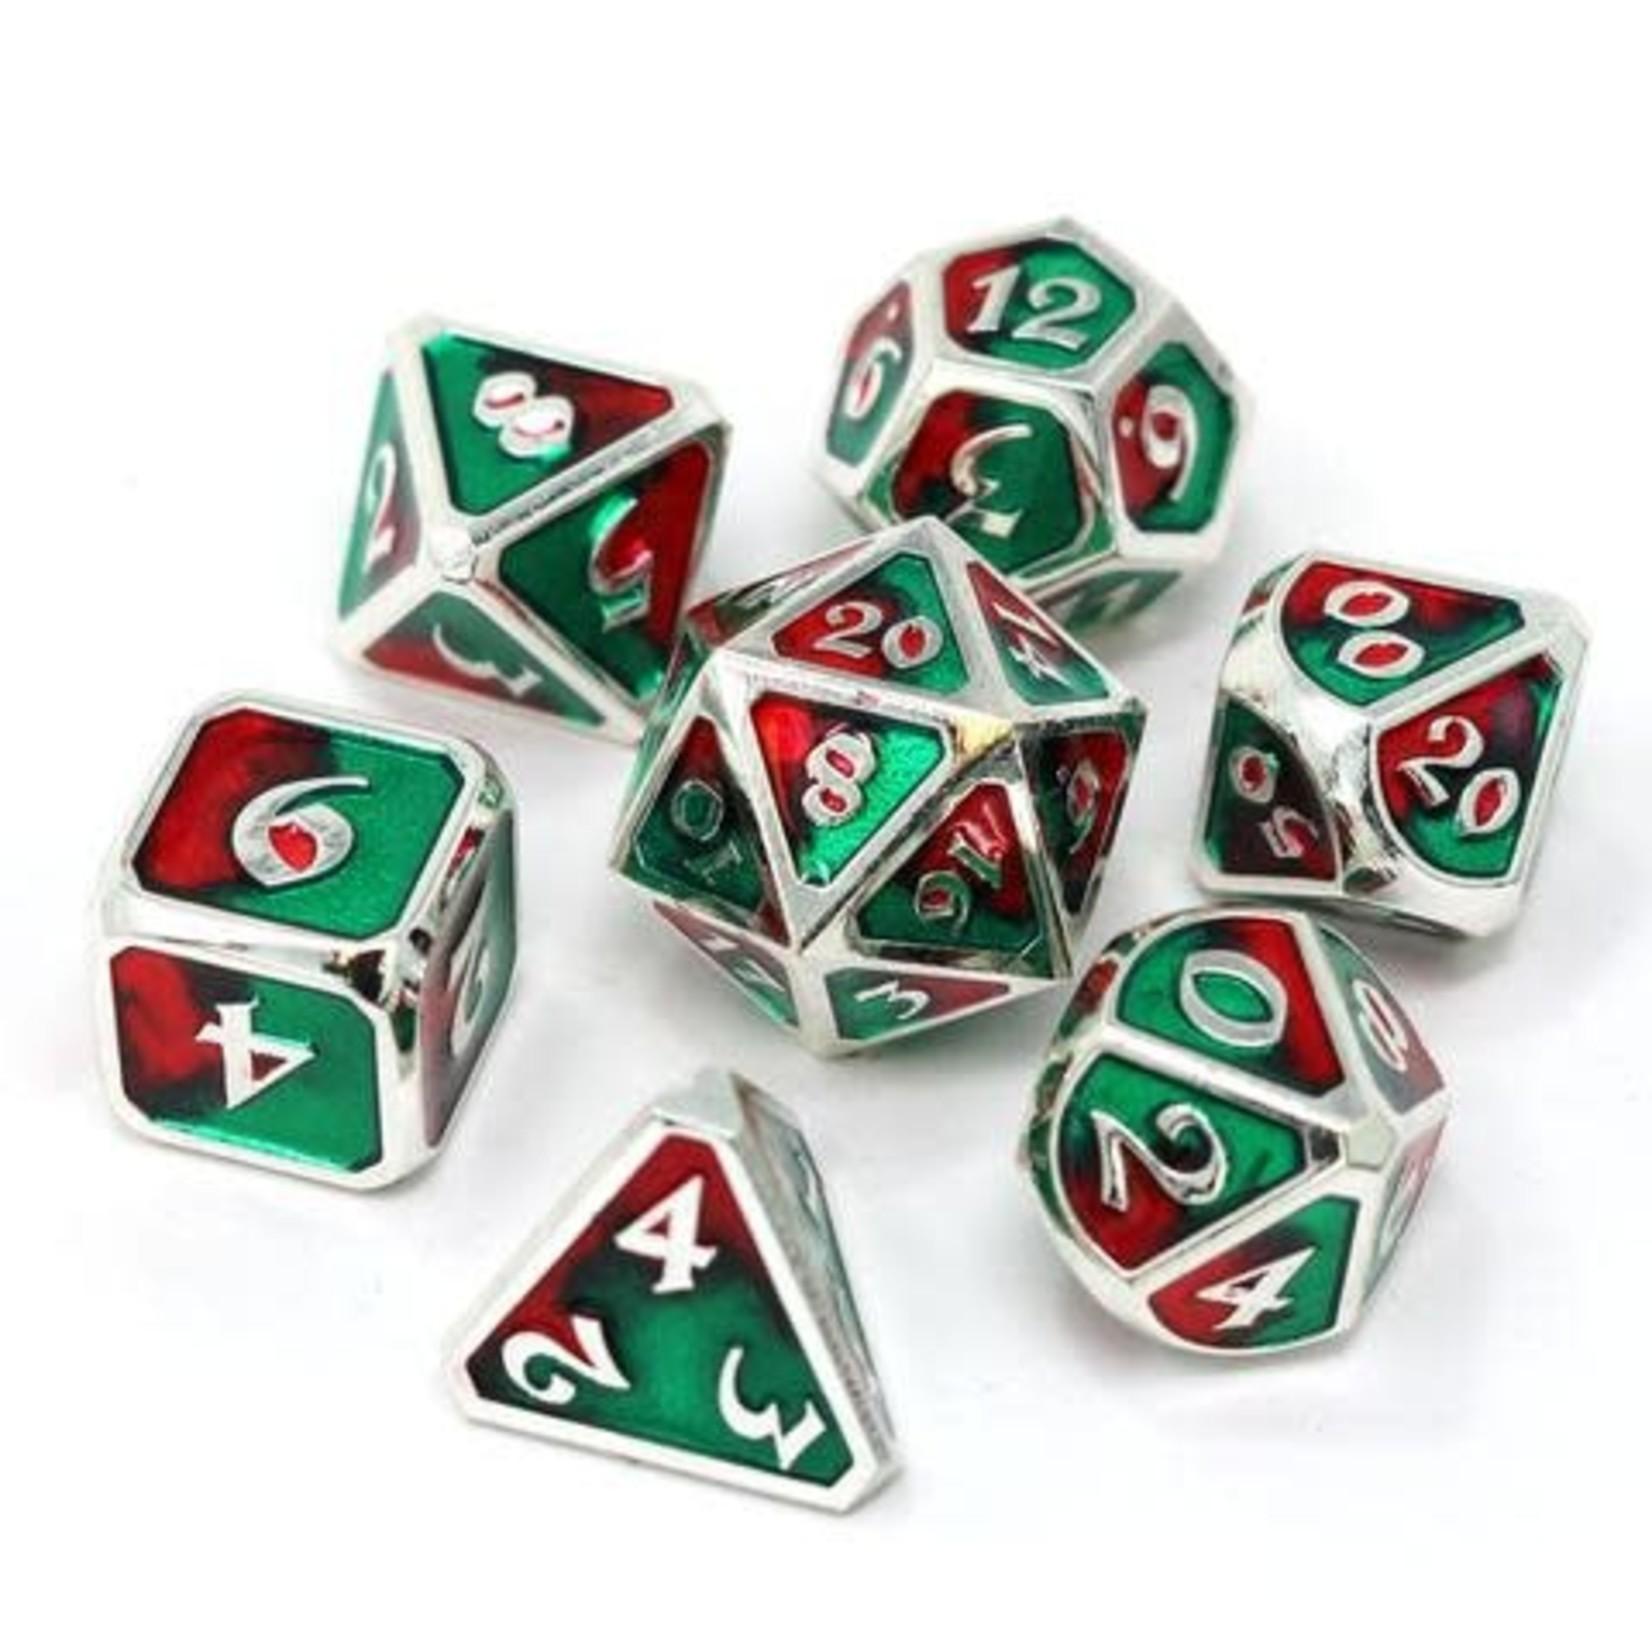 Die Hard Dice Die Hard Dice: Polyhedral Metal Dice Set - Spellbinder Holly Daze